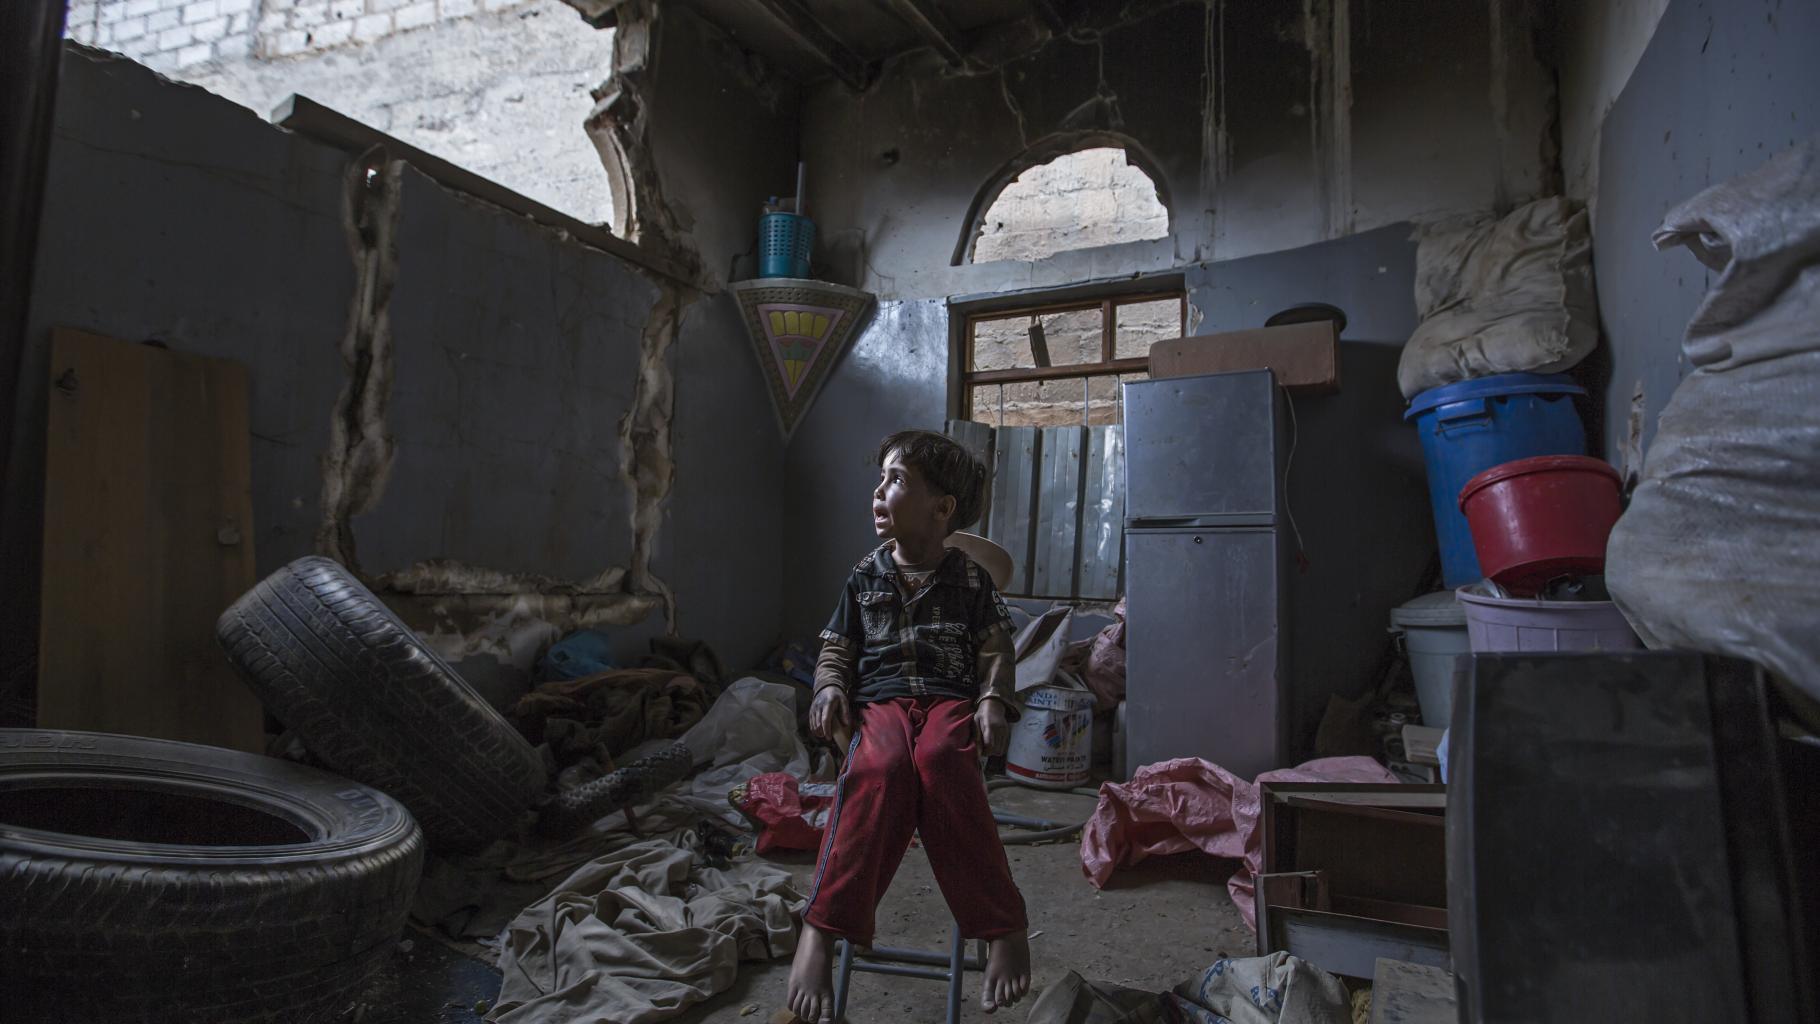 Ein Kind sitzt in seinem Zuhause, das durch einen Luftangriff zerstört wurde